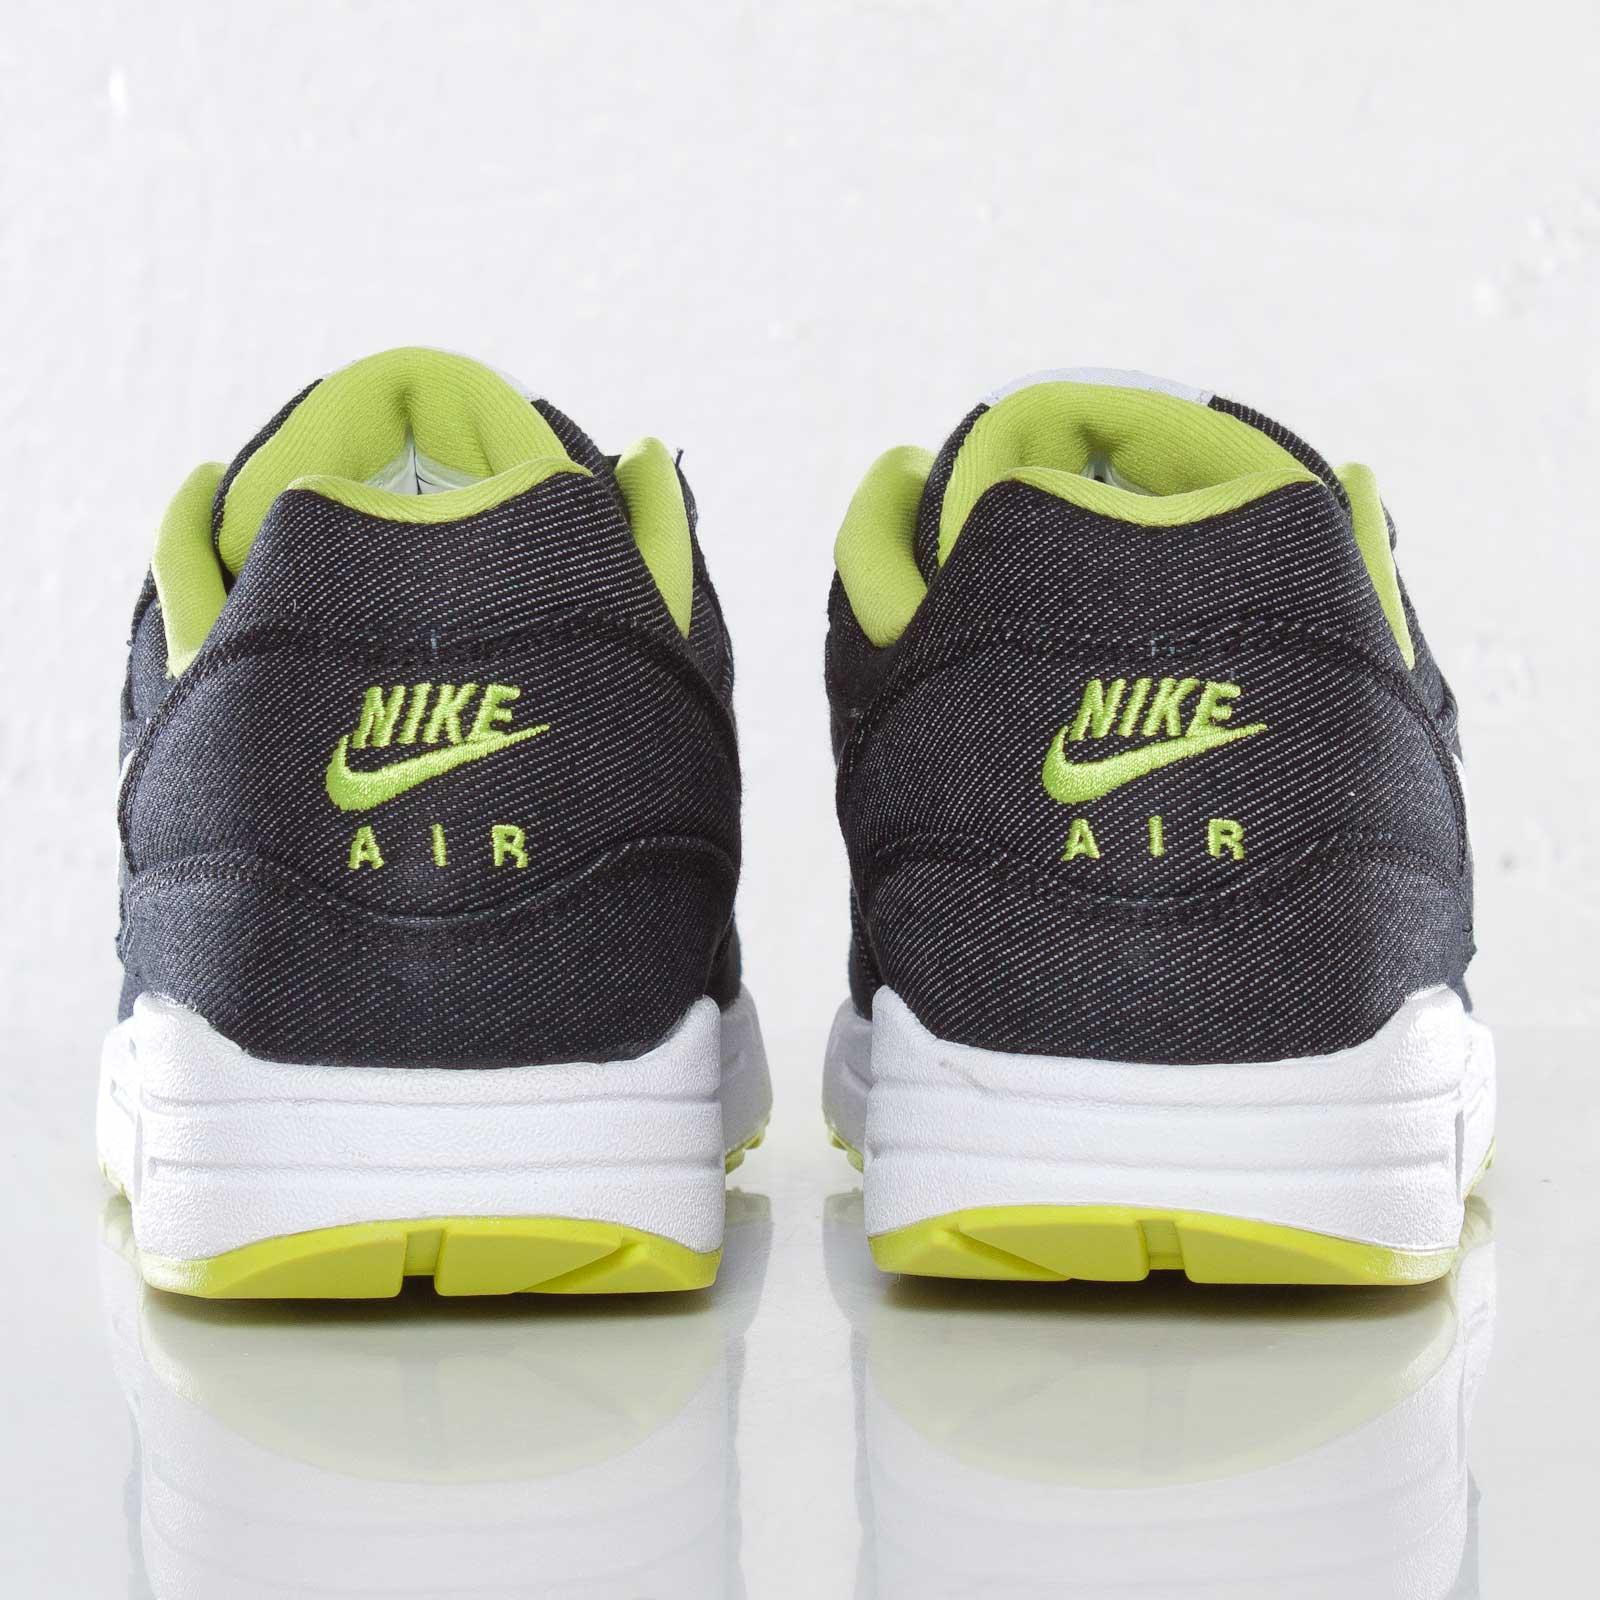 Nike Air Max 1 Premium 512033 019 Sneakersnstuff